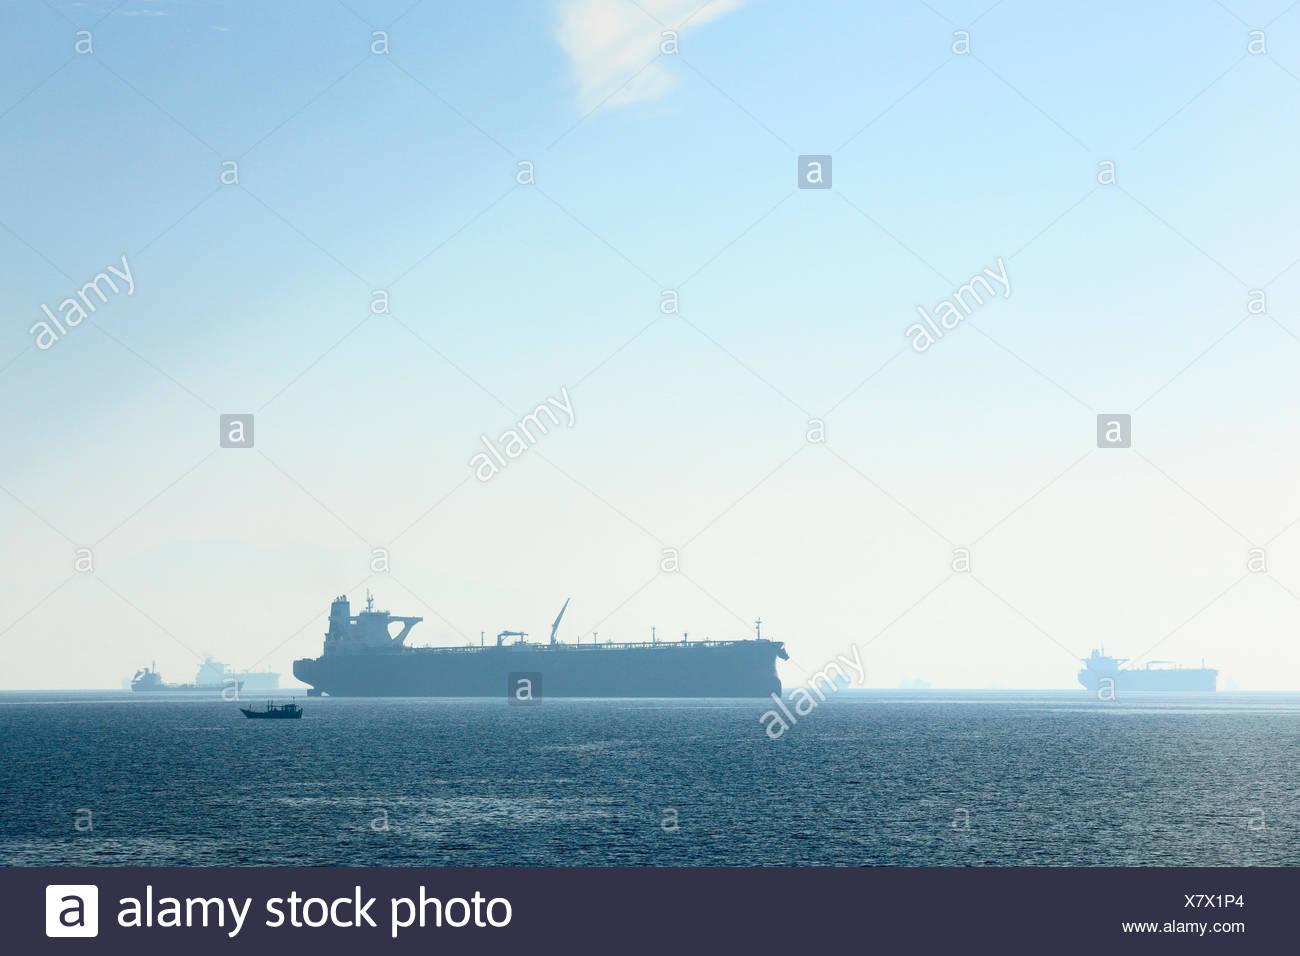 Des pétroliers dans le golfe d'Oman, vu depuis le ferry à Shinas Musandam (Oman), Emirats Arabes Unis. Tous les non-usages de rédaction doivent être effacés individuellement. Banque D'Images